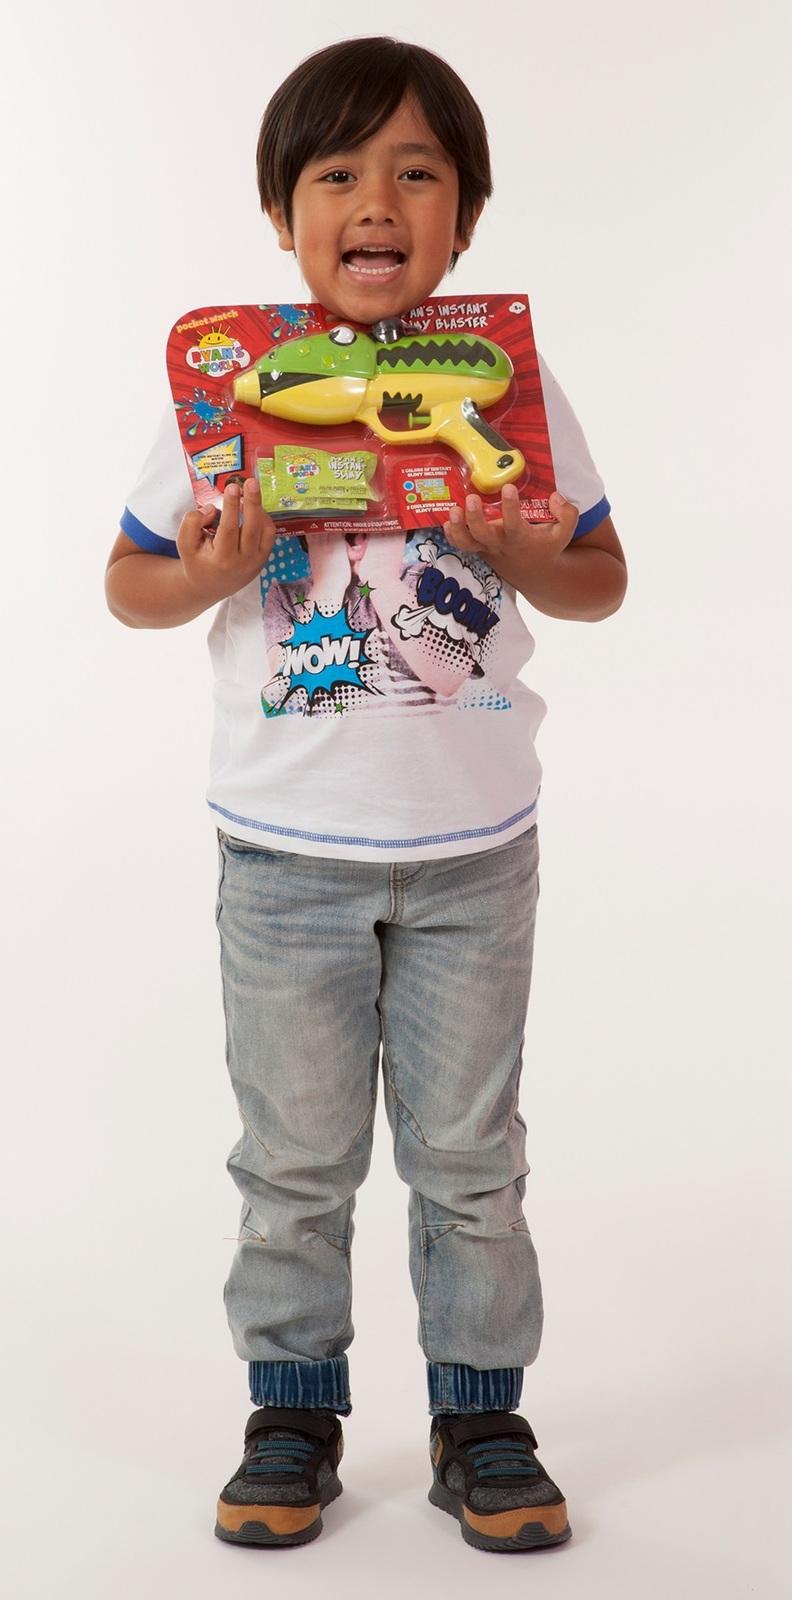 Ryans World - Ryan's Instant Slime Blaster (Assorted) image